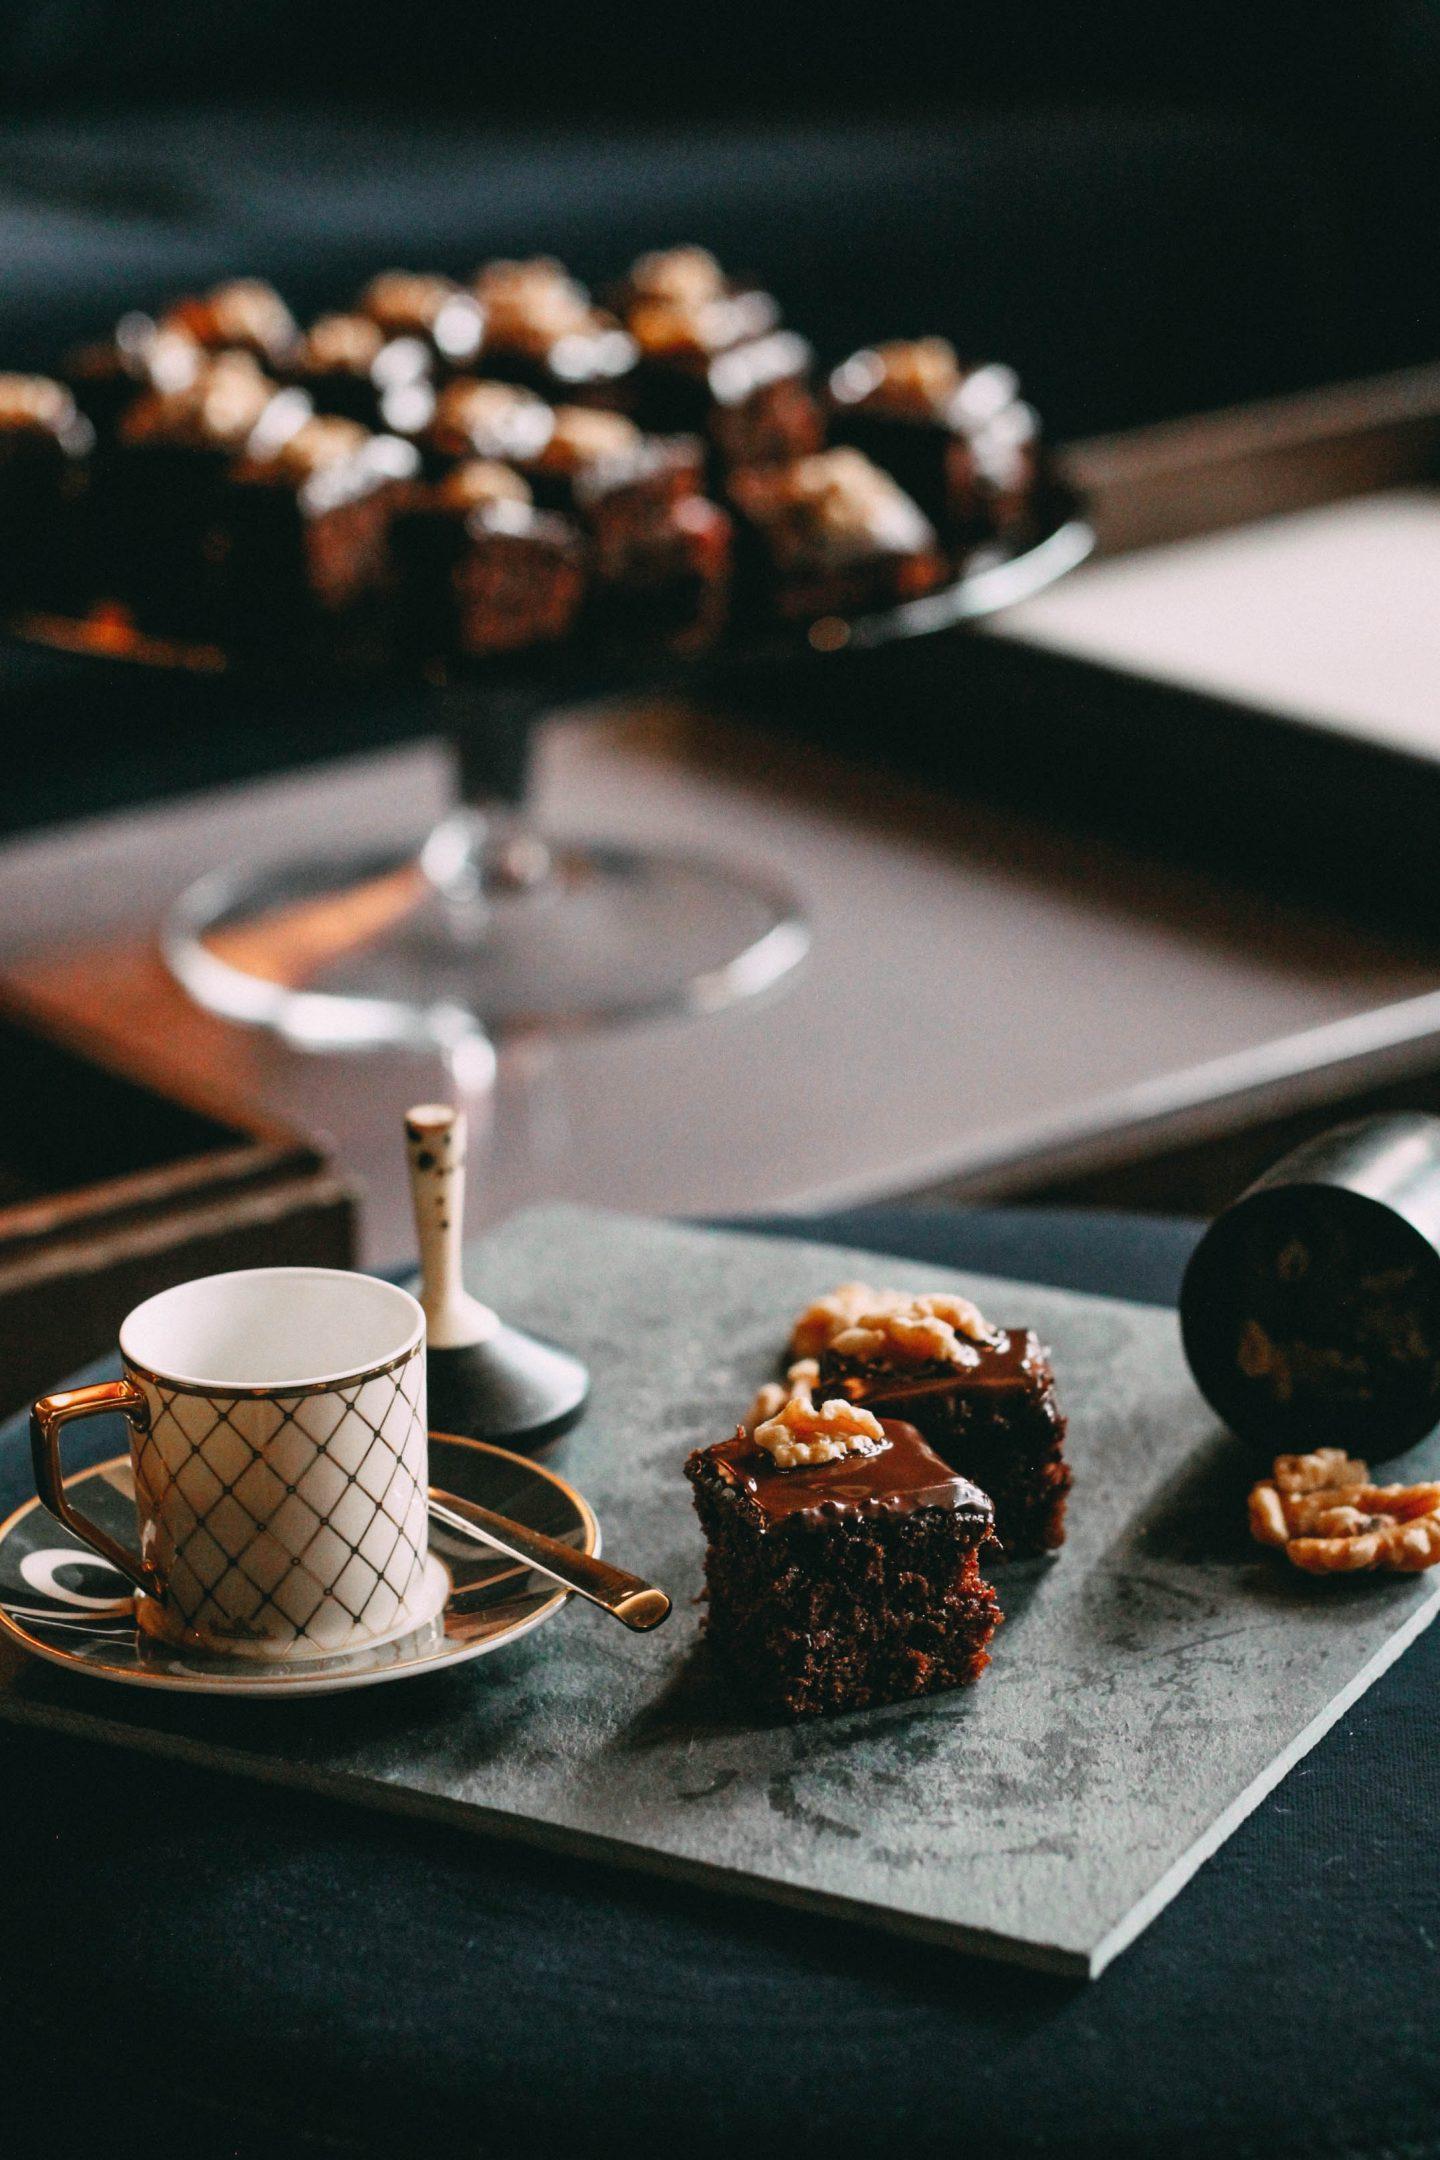 Omas_Lebkuchen-schnelles Weihnachtsgebäck nach Grossmutters Rezept-Backanleitung für einen saftigen und weichen Lebkuchen